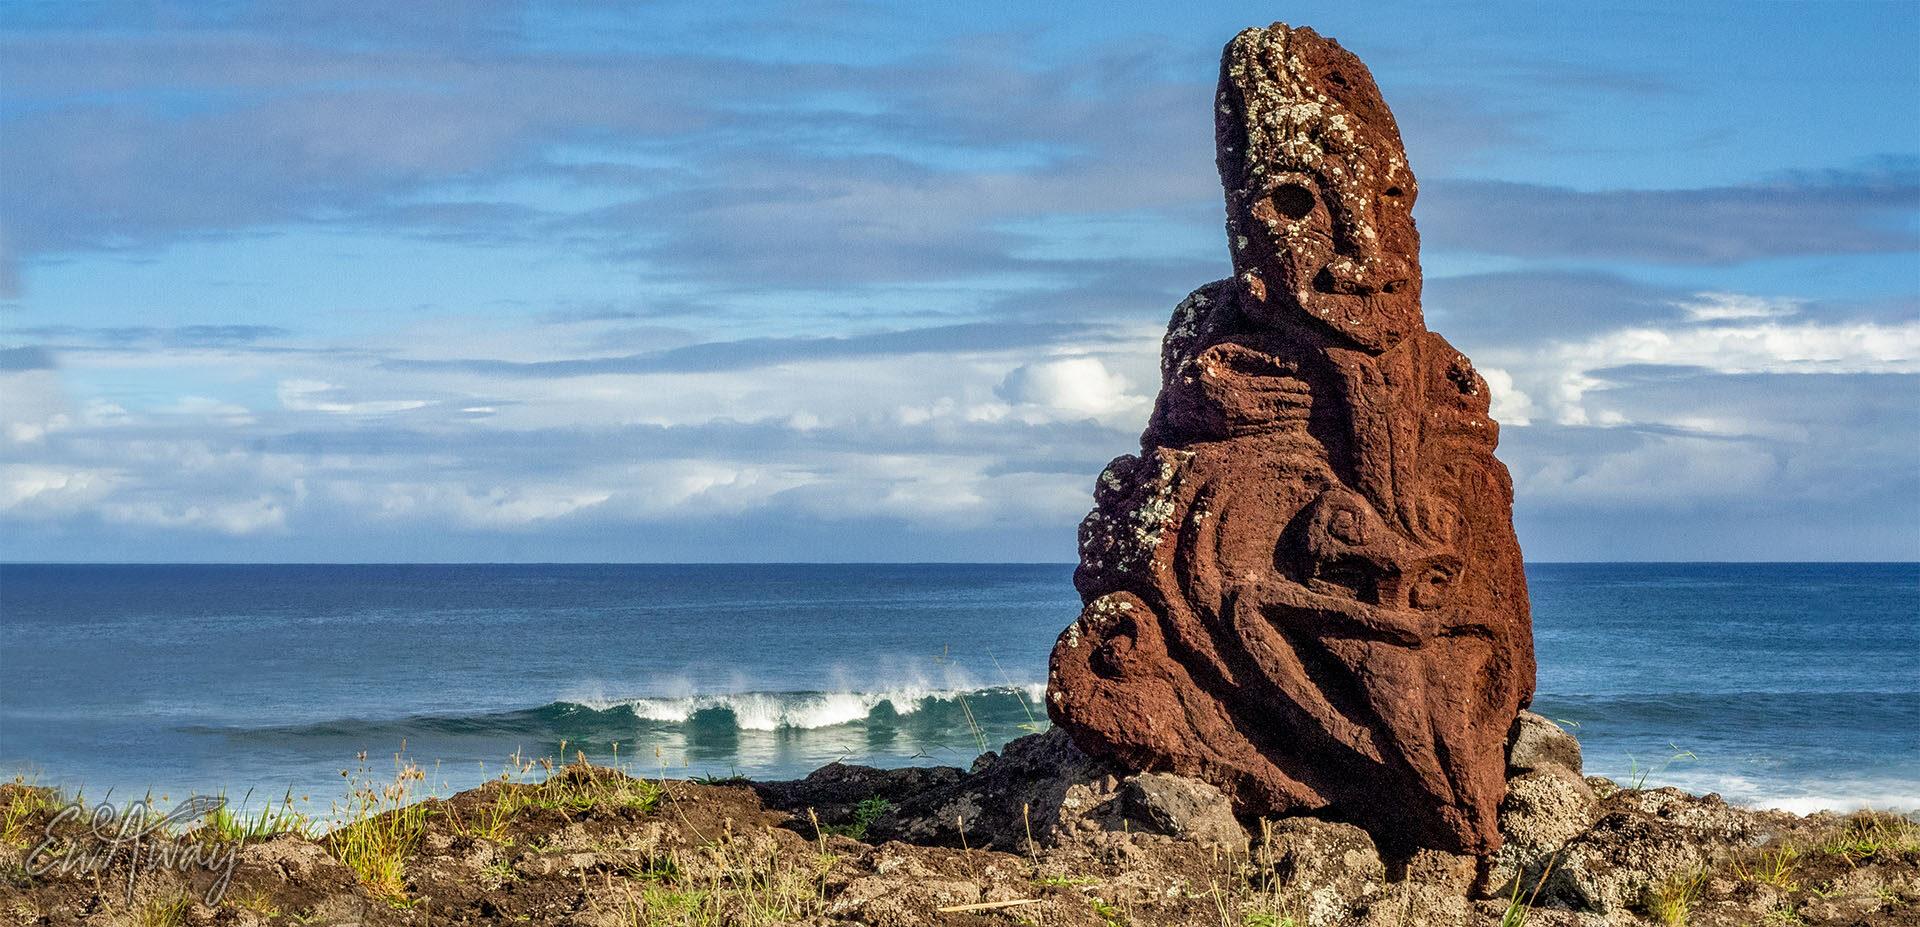 Wyspa Wielkanocna, Ocean Spokojny i kamienne rzeźby